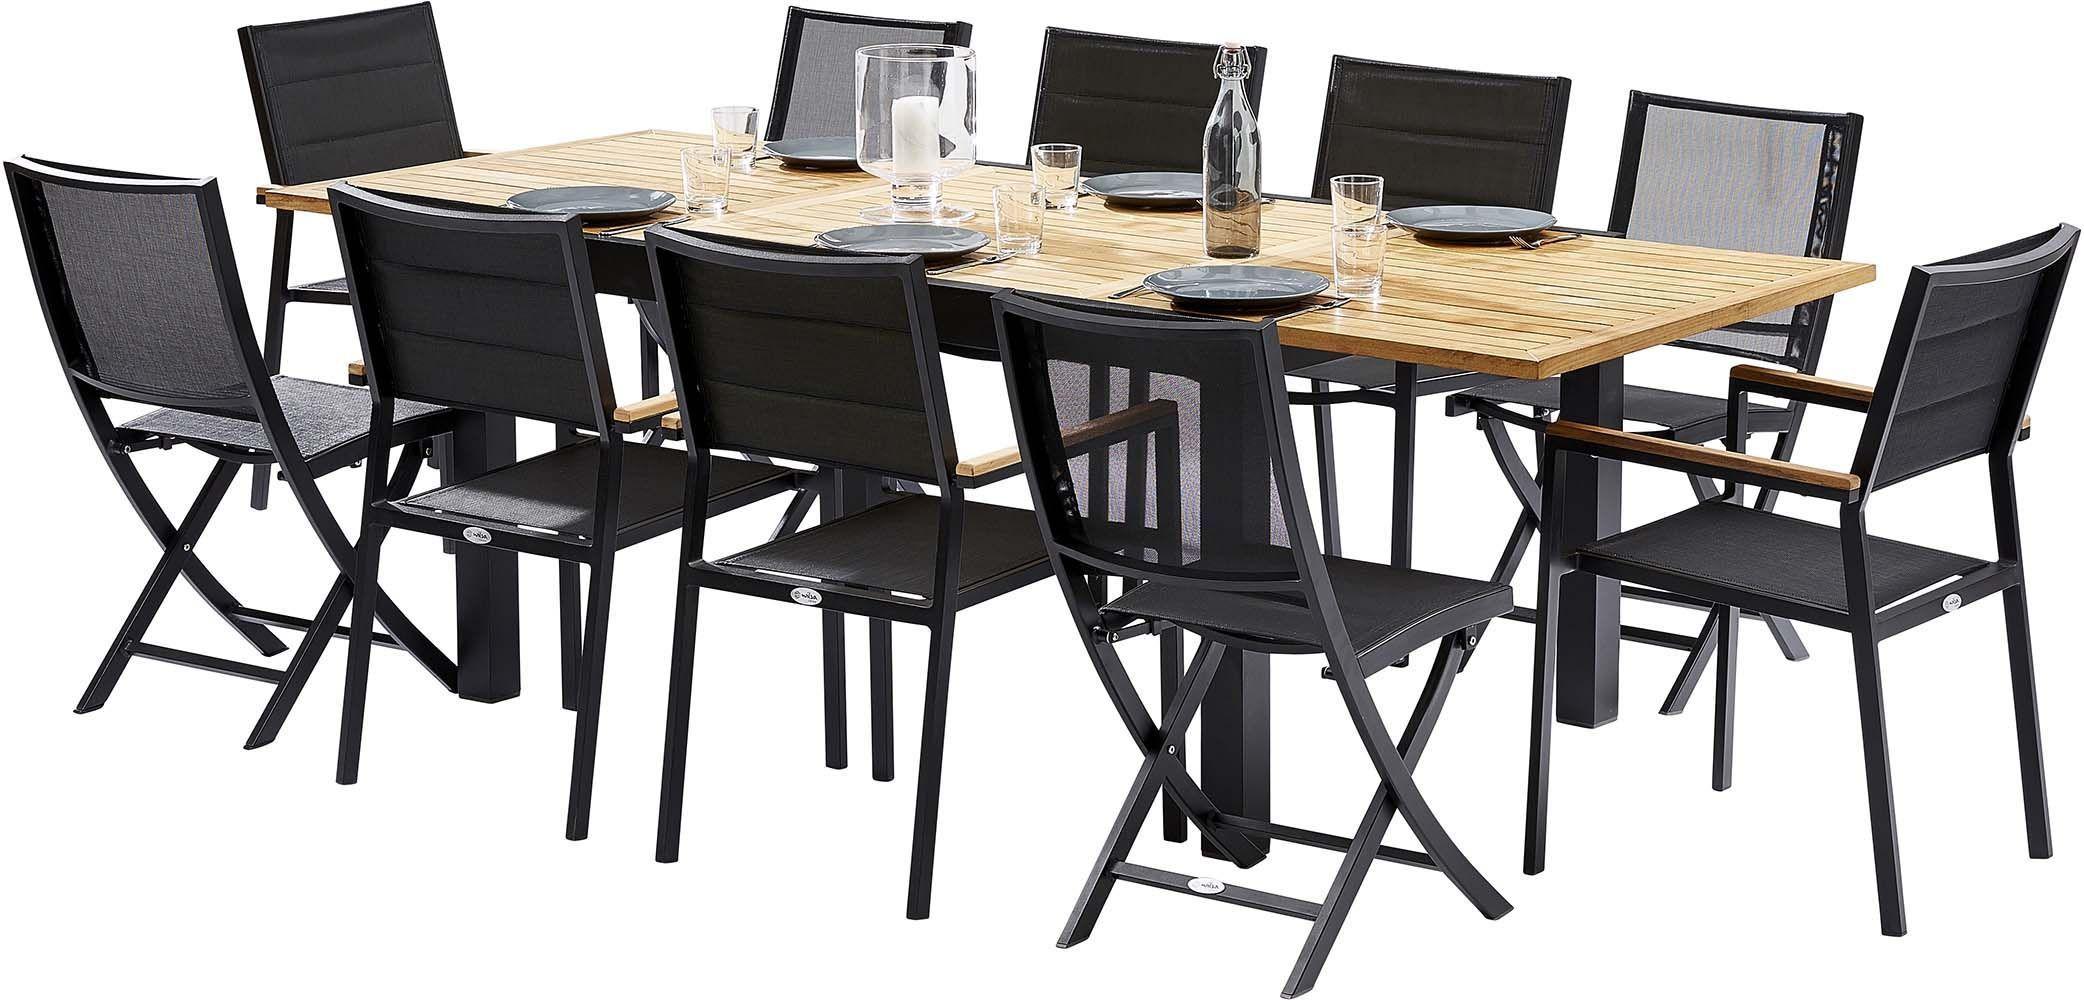 Table et chaises de jardin moderne bali for Table et chaise jardin